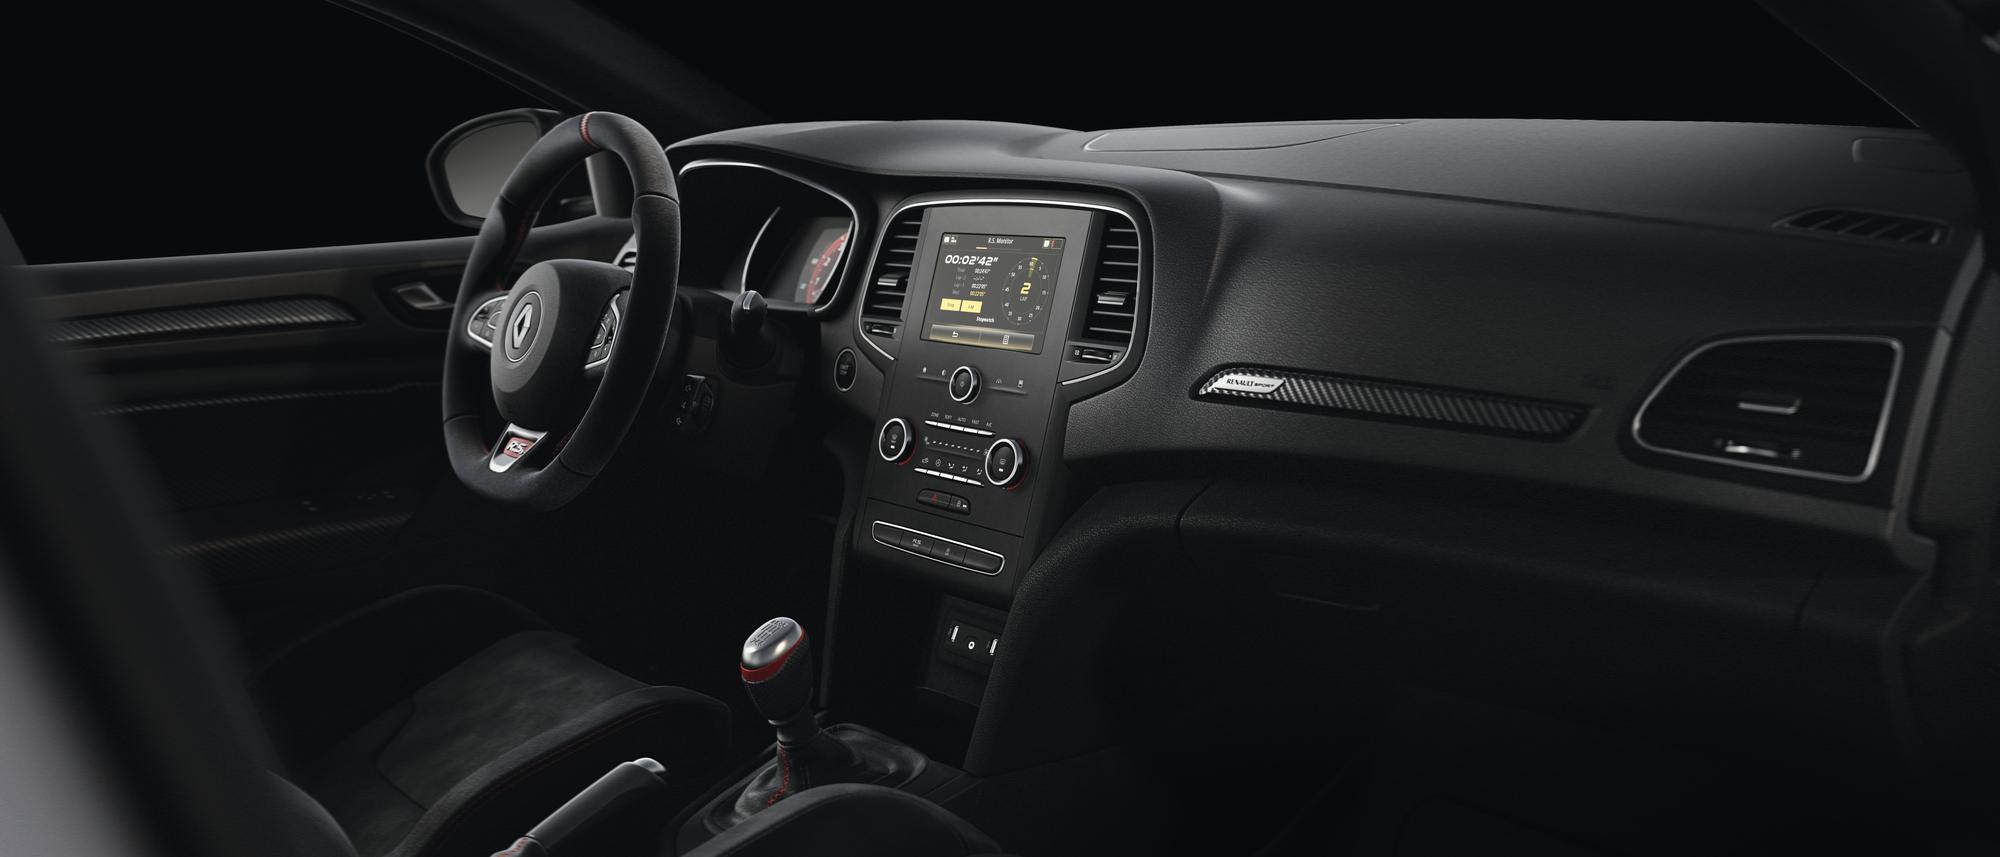 """Bluetooth® DAB rádió, USB, Jack, 7"""" kapacitív érintőképernyő, Bose® hangrendszer 10 hangszóróval"""